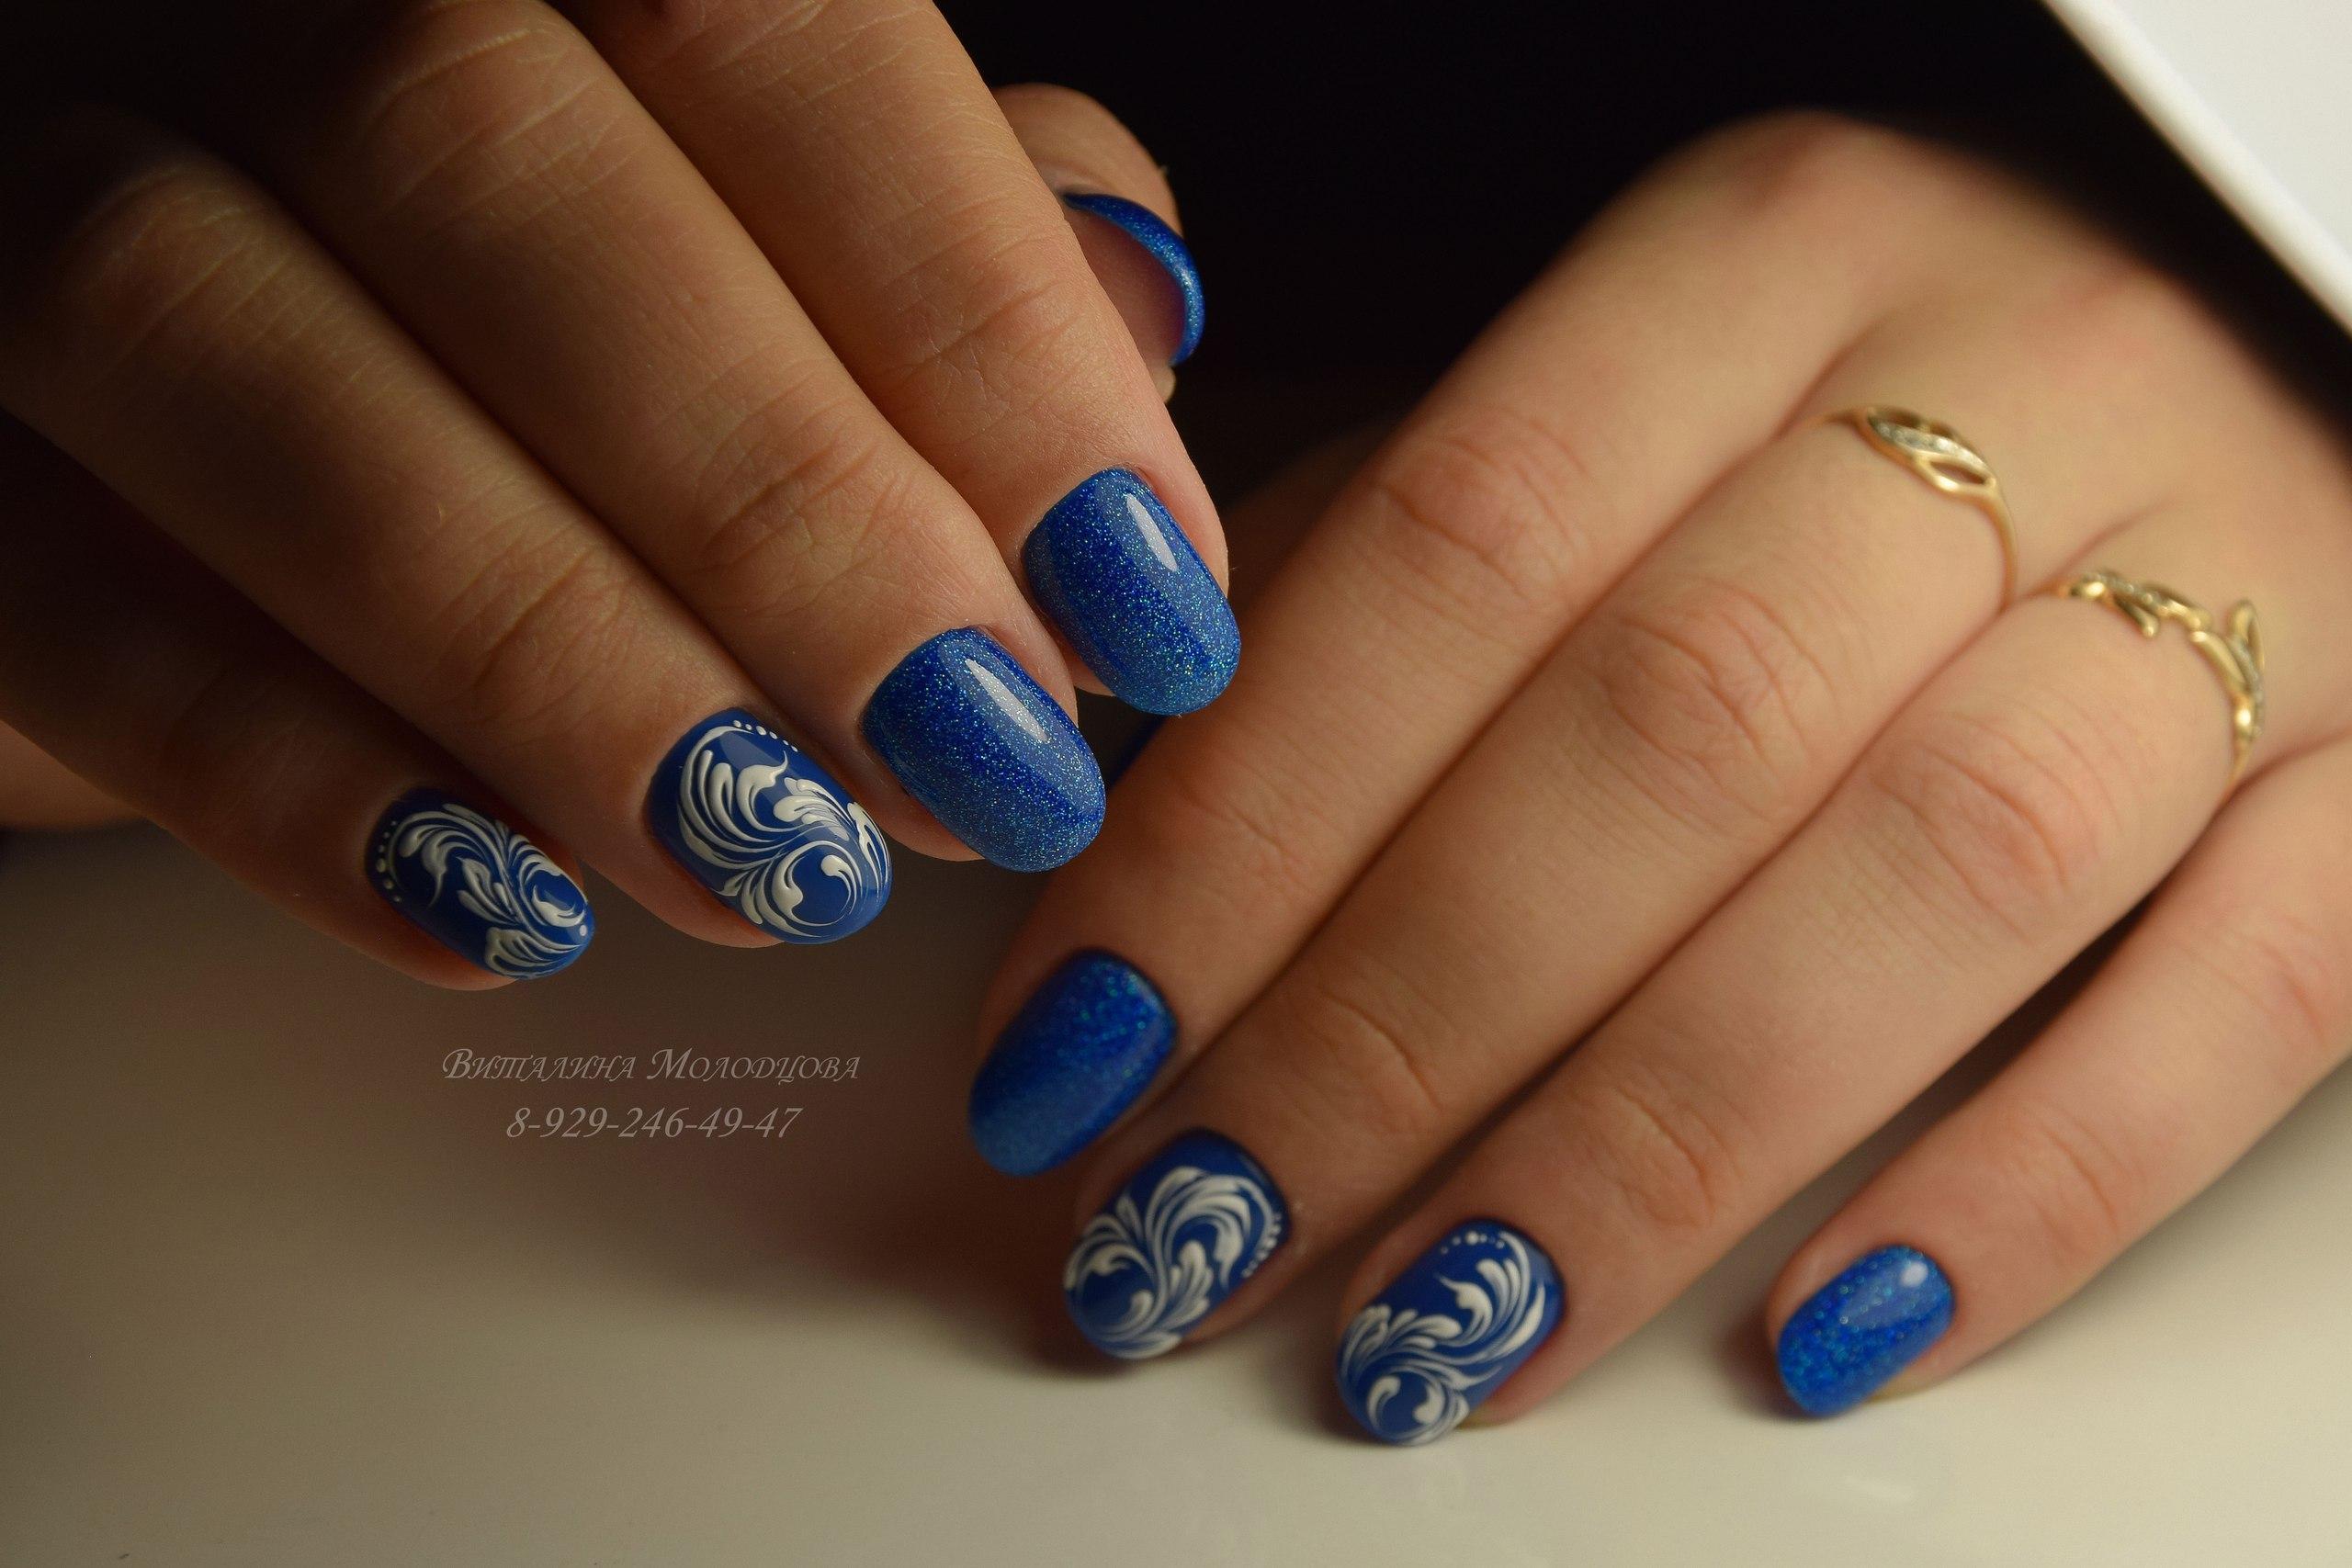 Роспись в блестящем синем маникюре